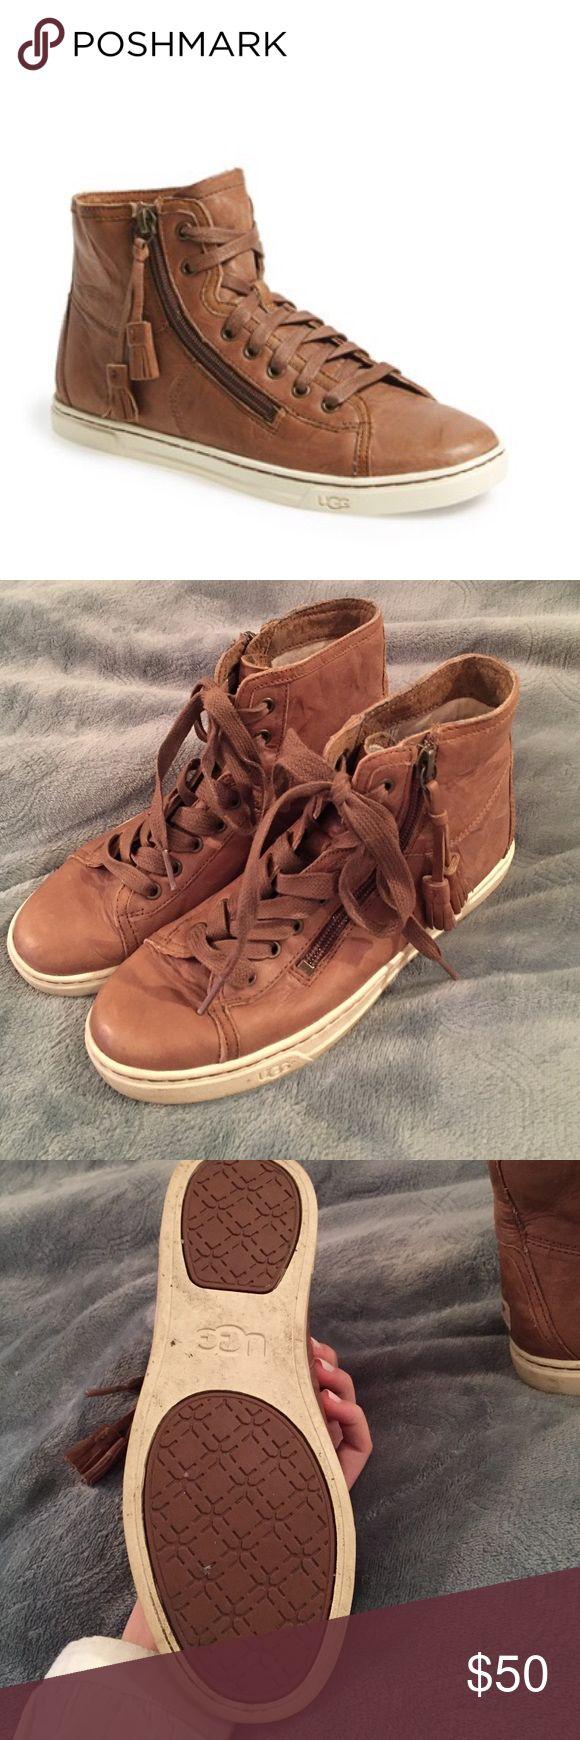 Ugg blaney tasseled high top sneakers Brown leather sneakers UGG Shoes Sneakers